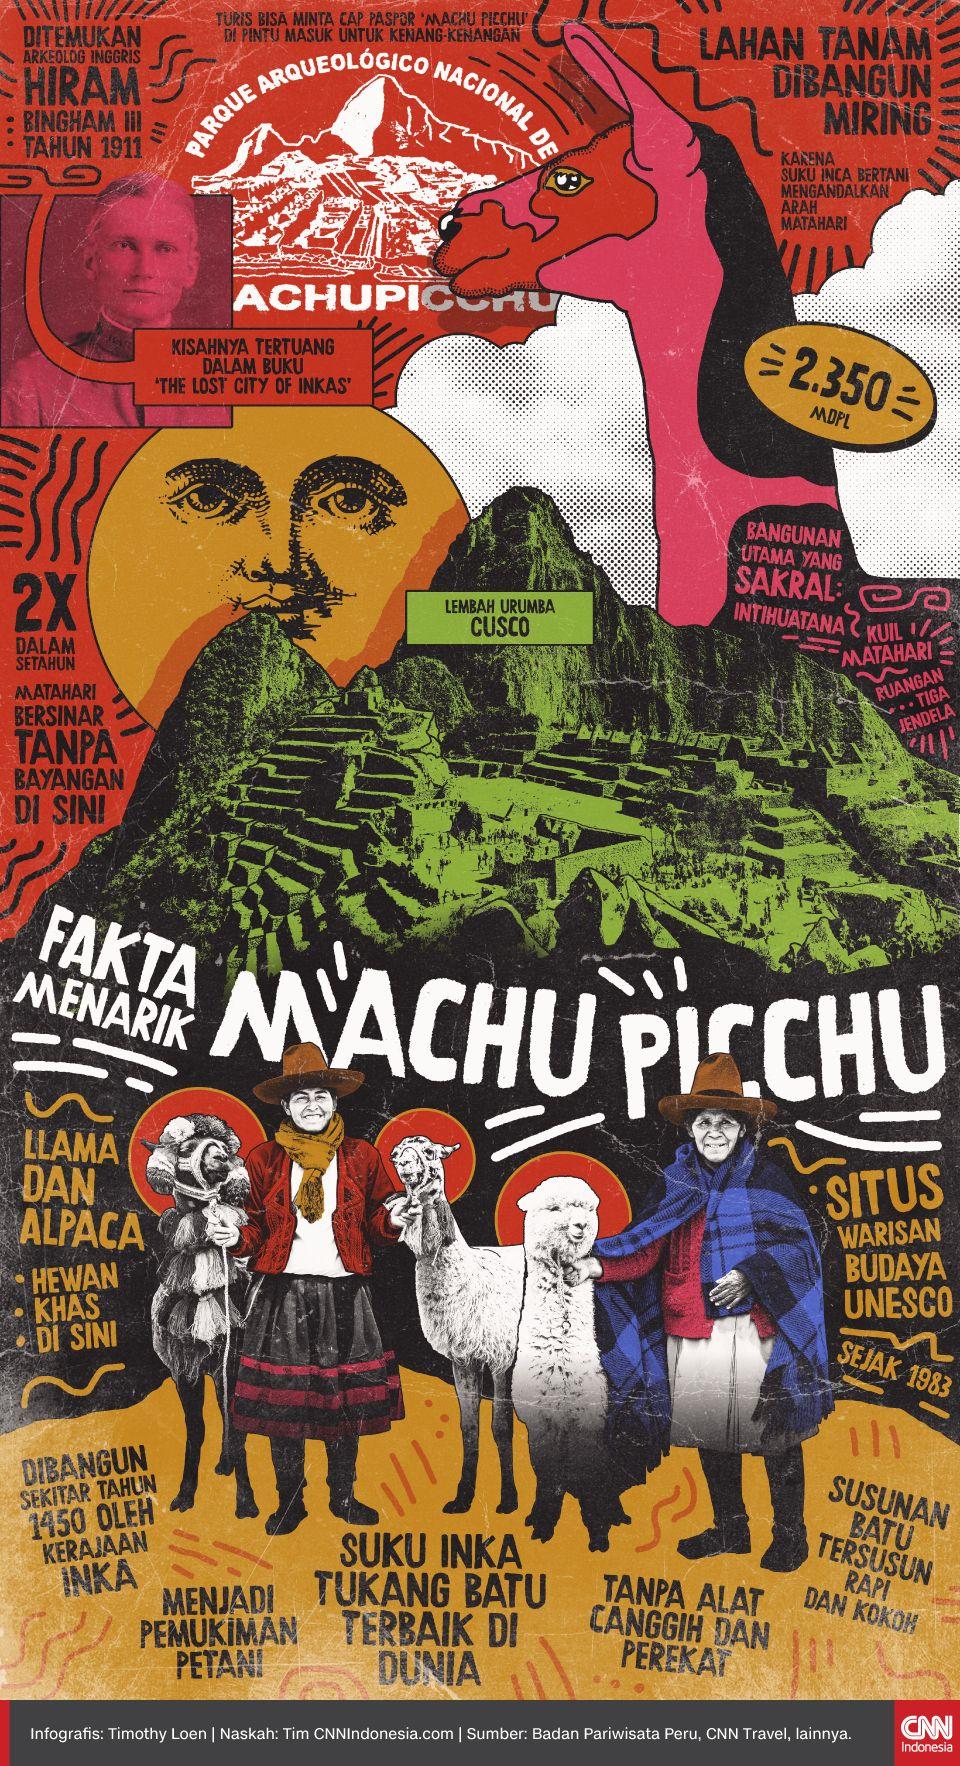 Bagi turis yang menggemari sejarah dan arsitektur rasanya wajib ke Machu Picchu, salah satu pemukiman Kerajaan Inca di Peru yang kerap disebut warisan alien saking visionernya.